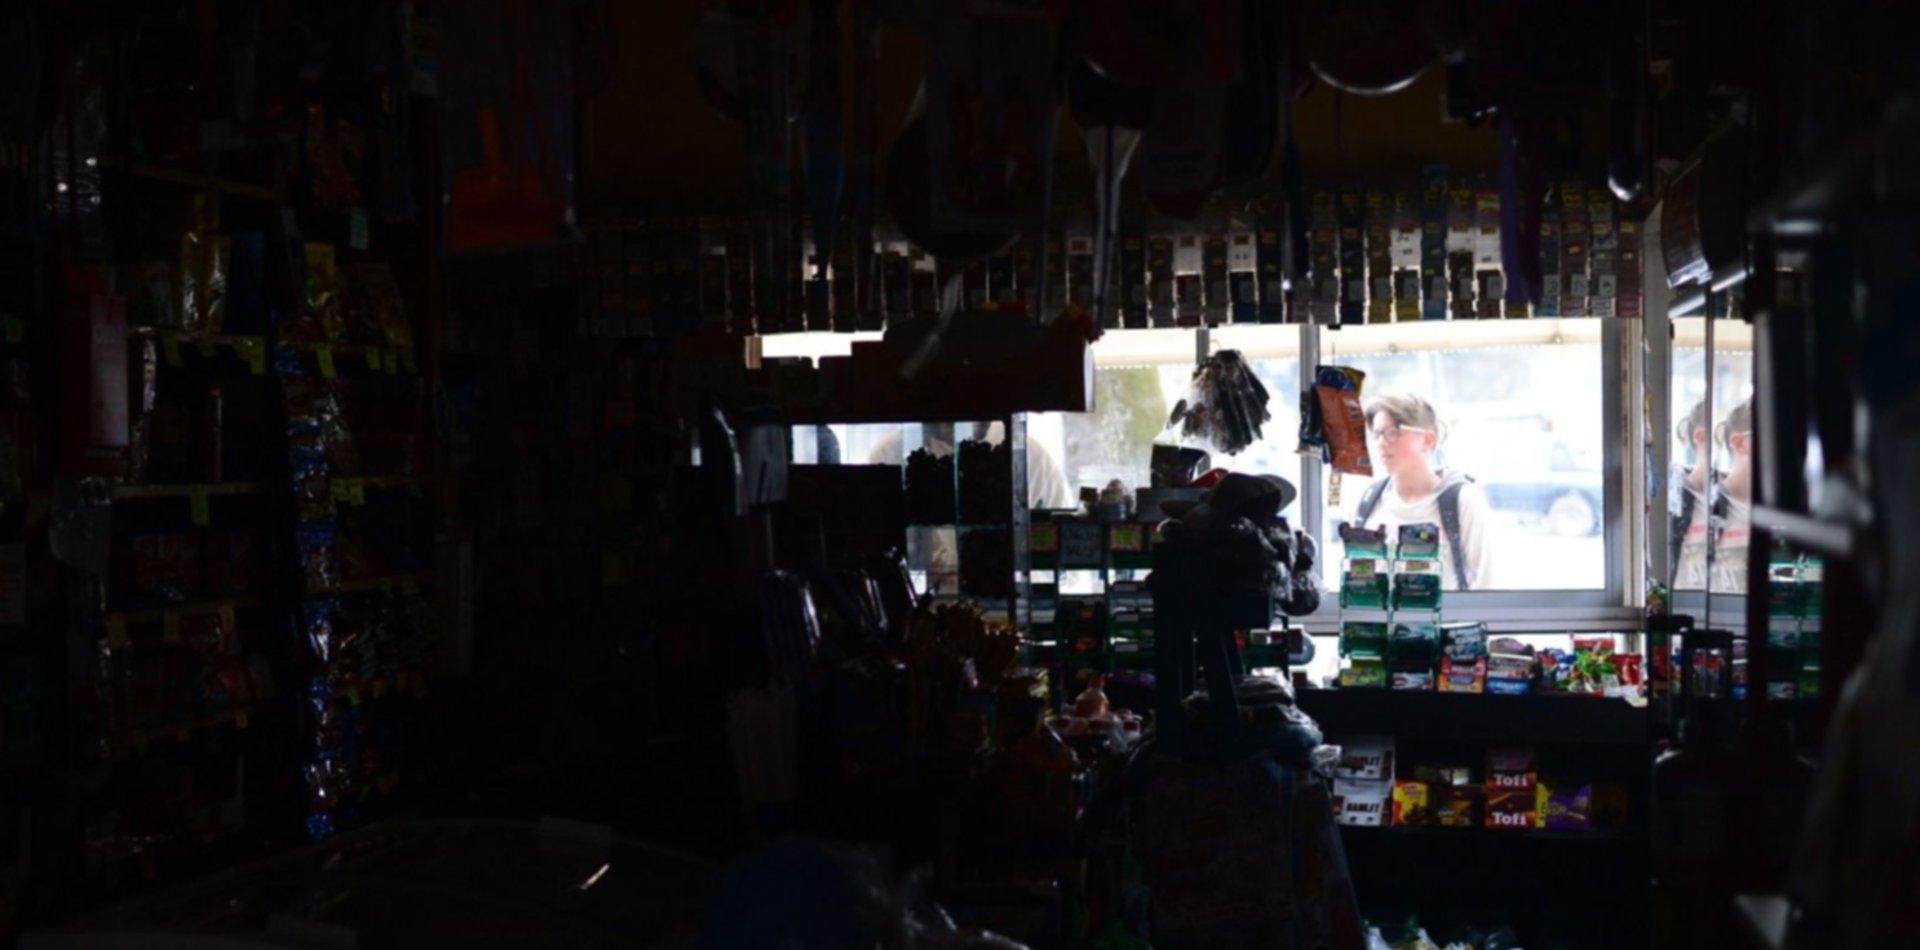 Edelap apelará el fallo que la obliga a pagar una multa por el apagón en La Plata